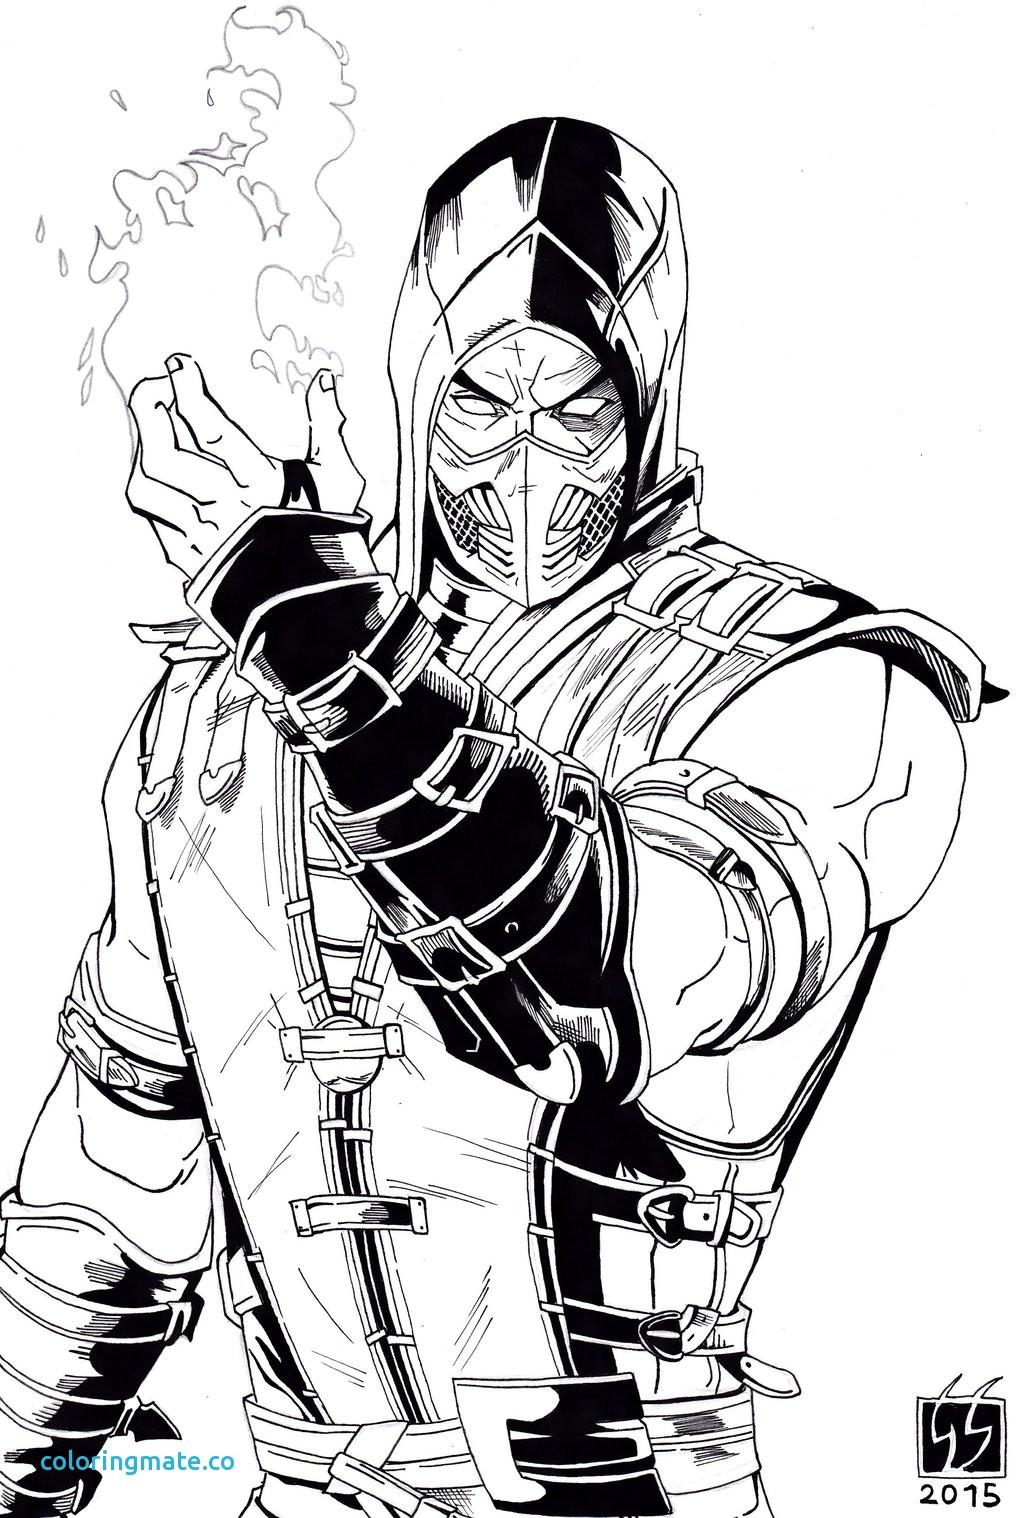 Scorpion Mortal Kombat Drawing At Getdrawings Com Free For